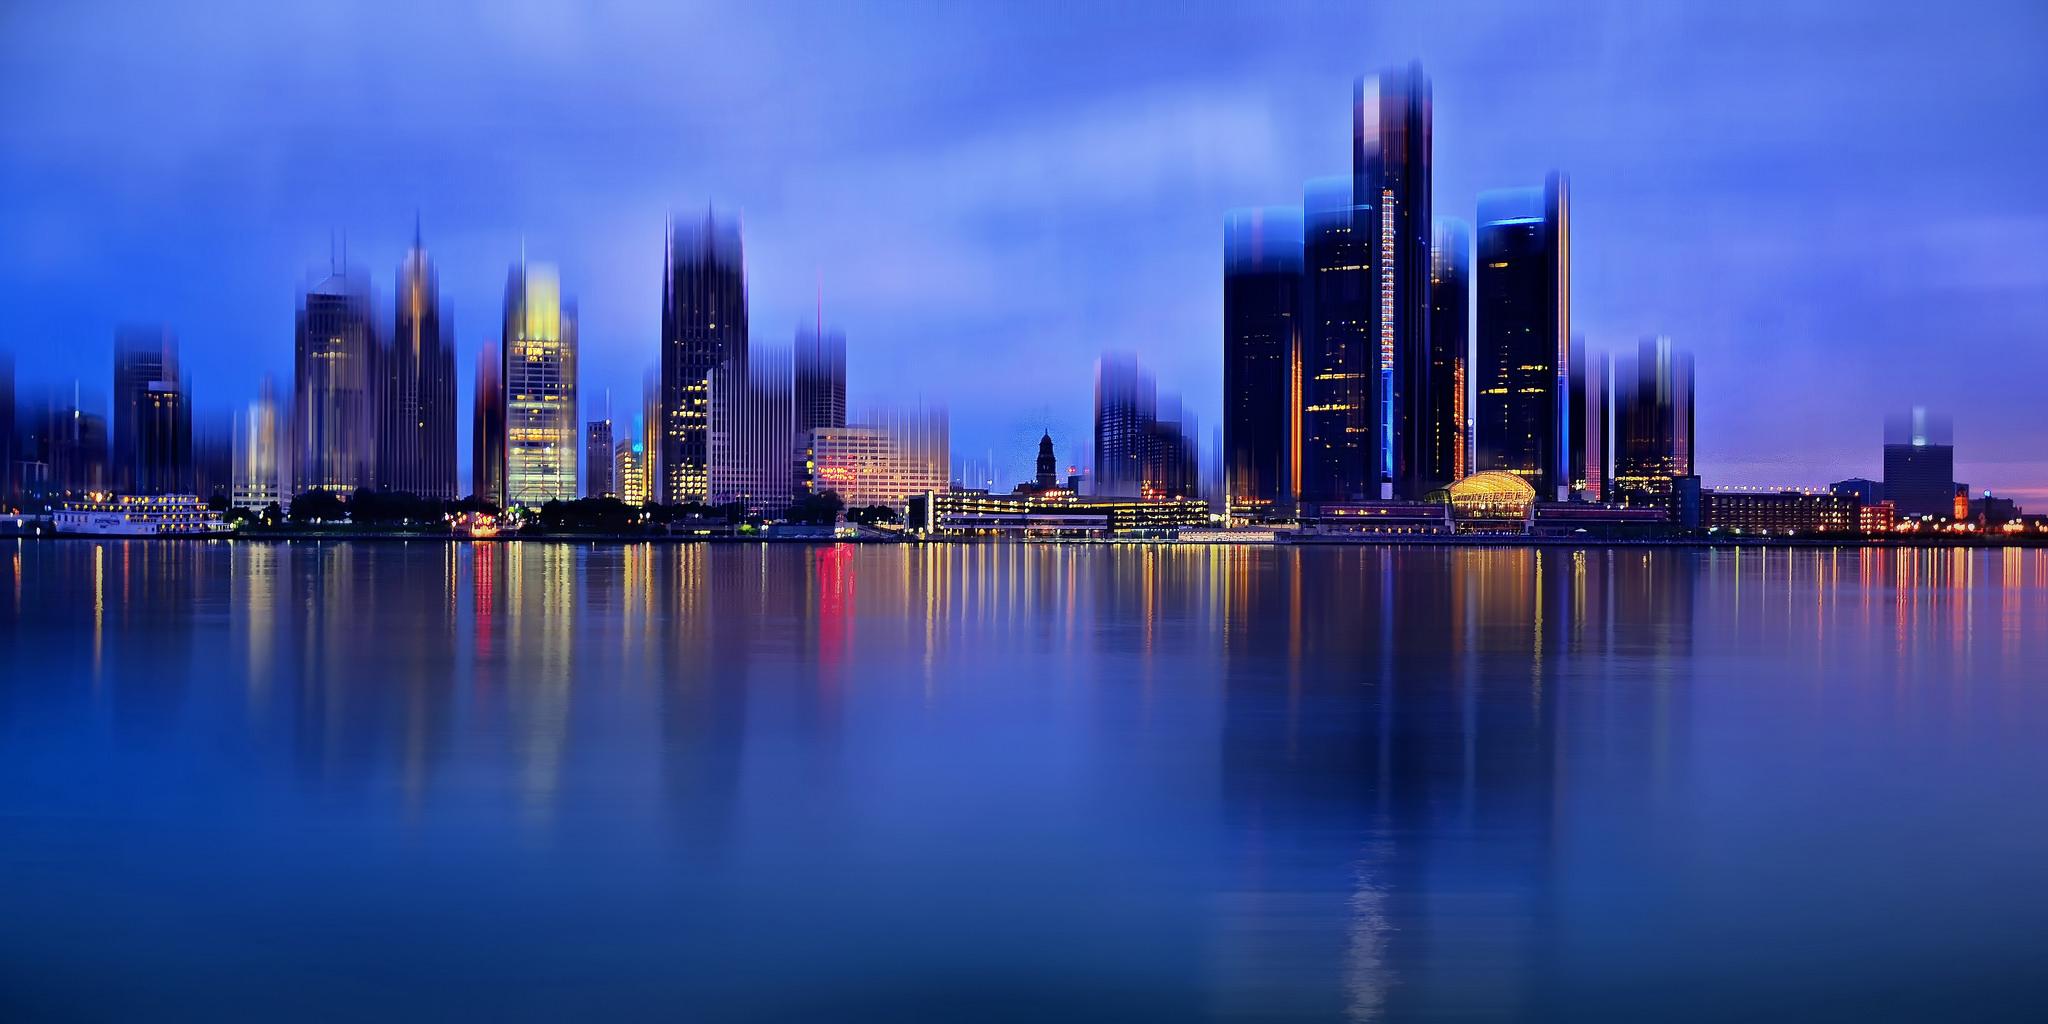 La ciudad de Detroit - 2048x1024